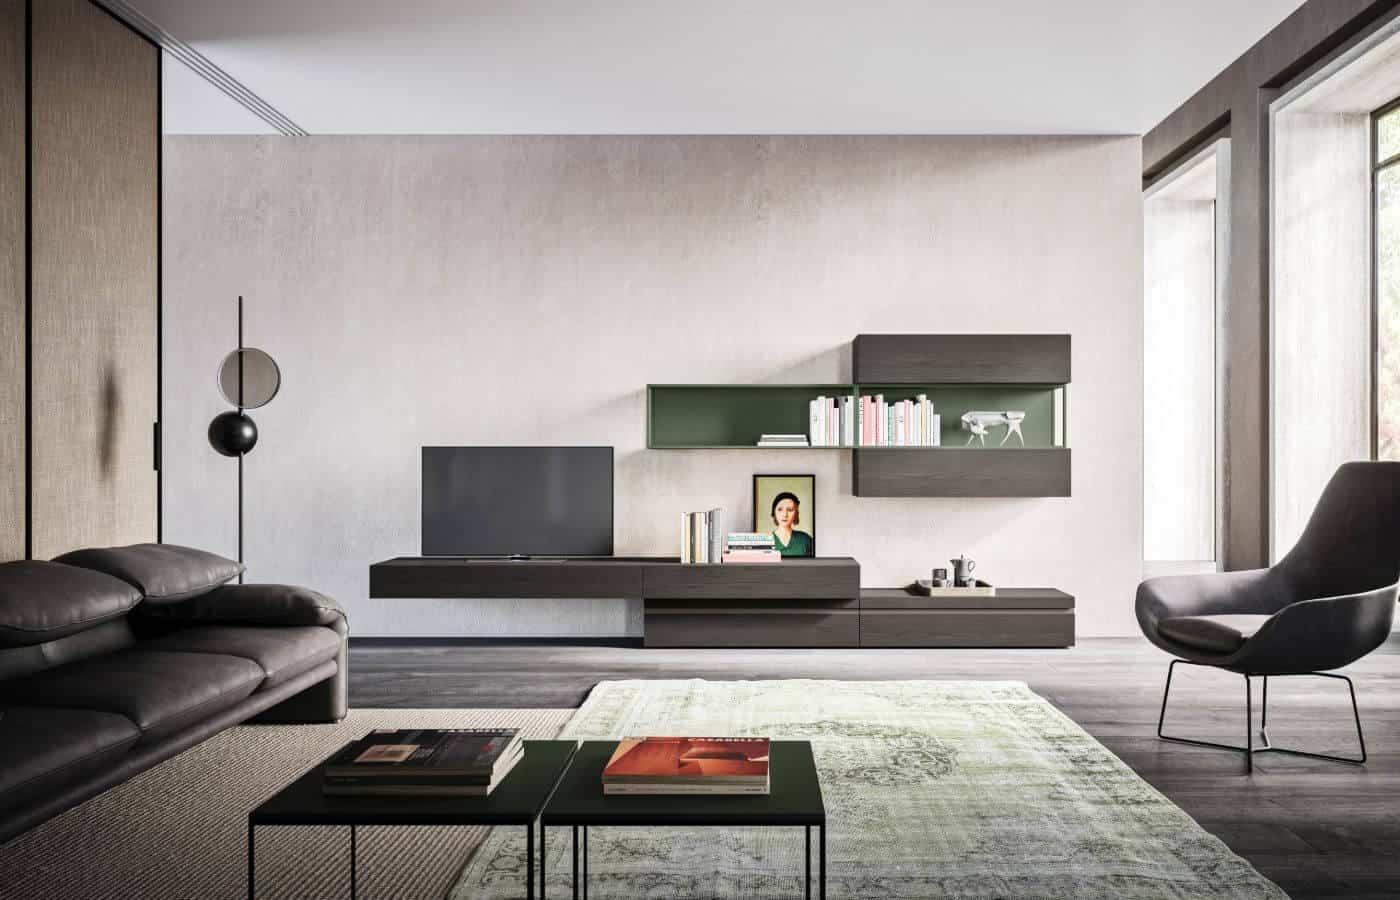 zona-giorno-parete-attrezzata-collezione-antalia-il-mobile (2)